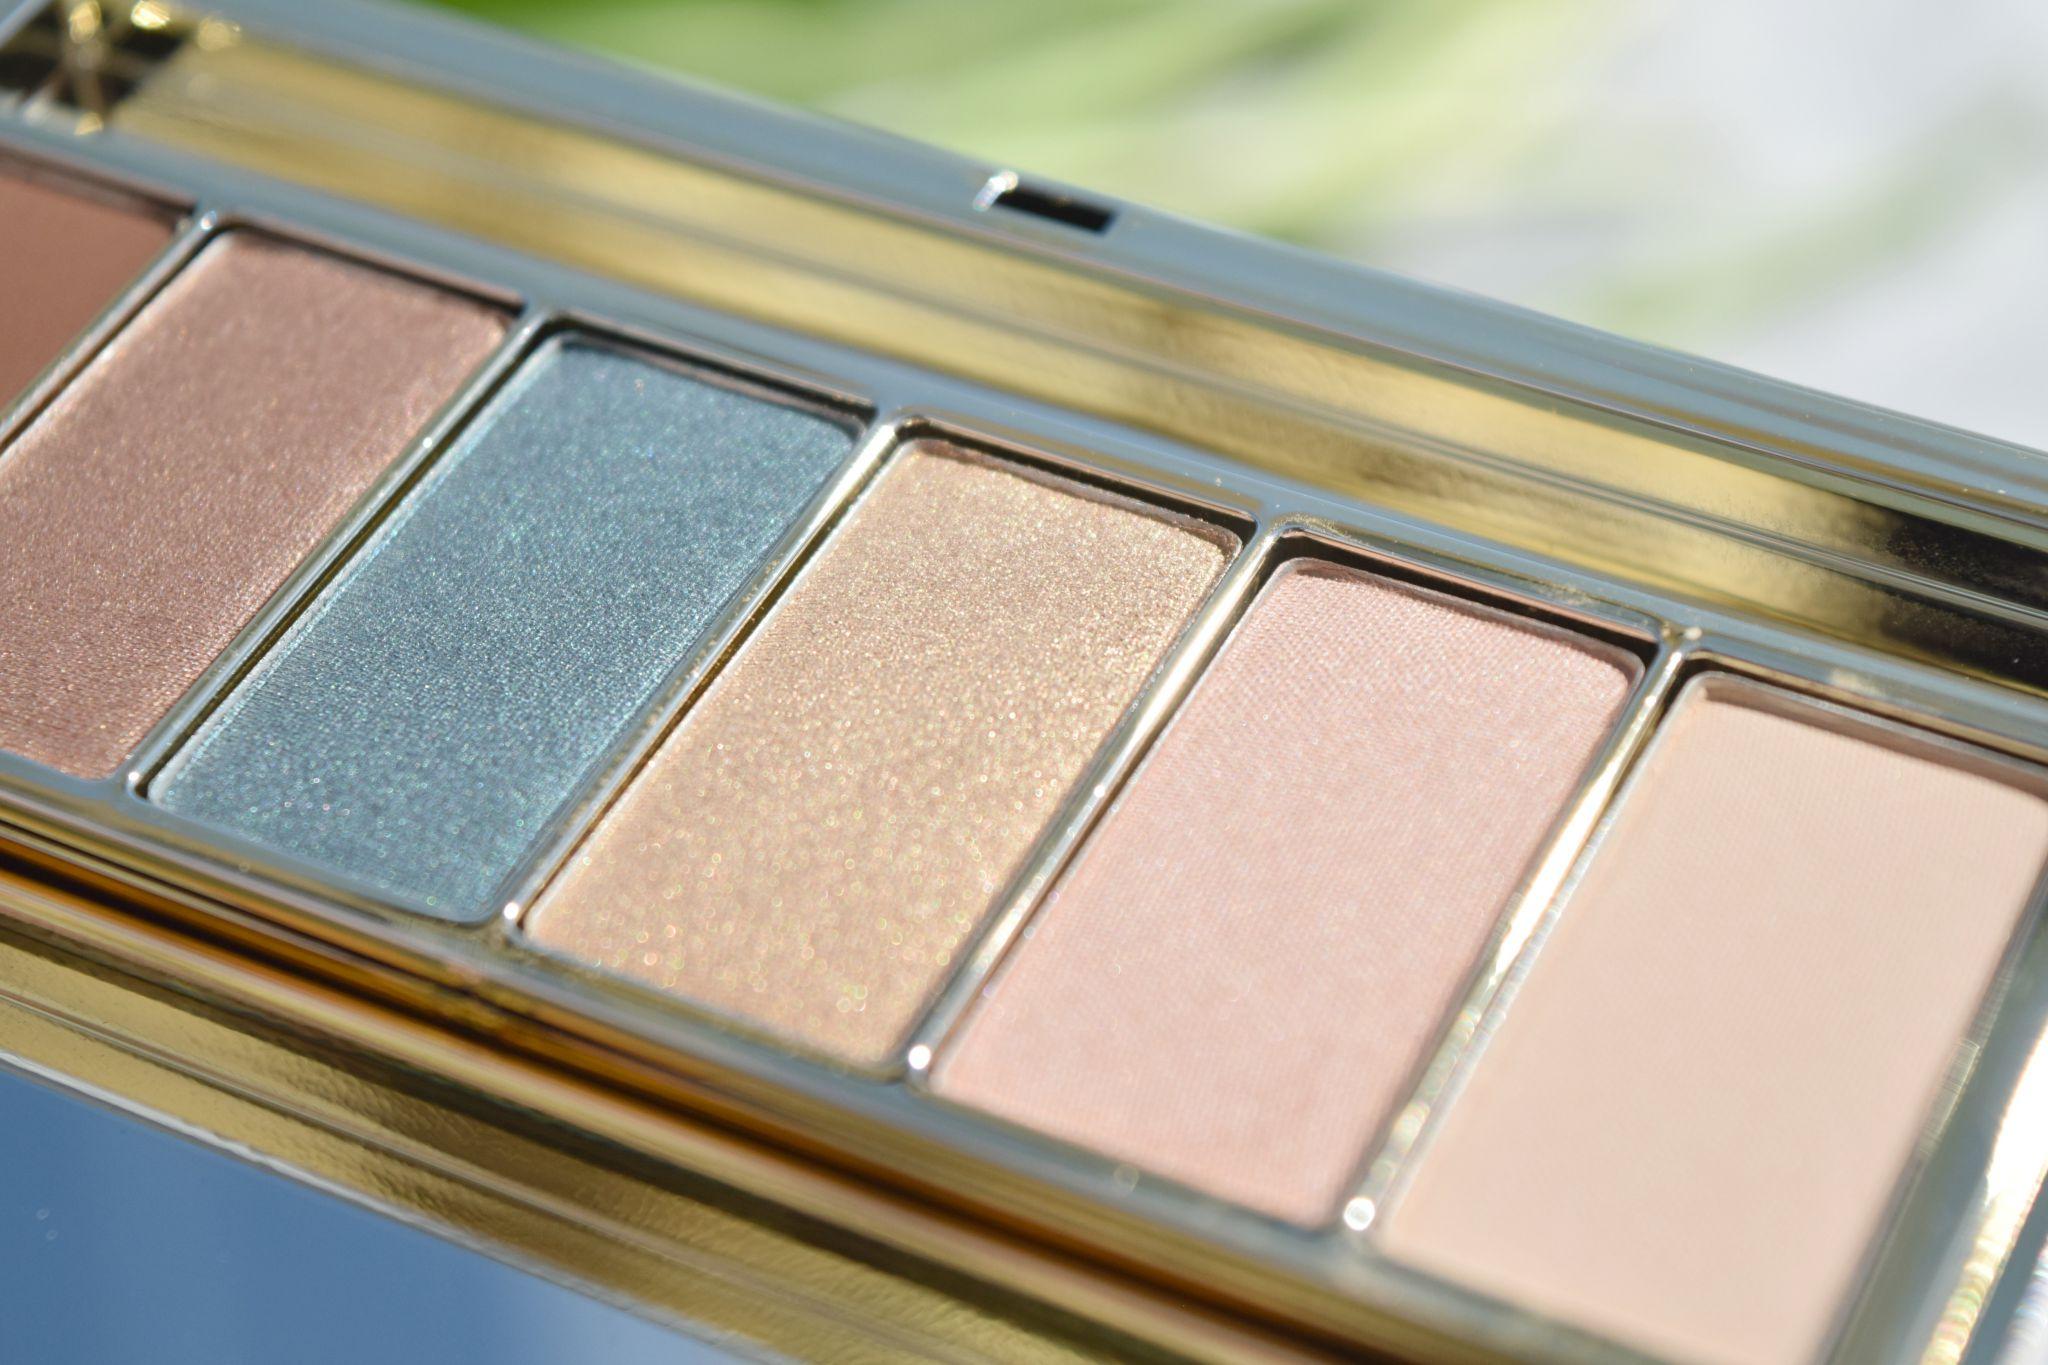 Estee Lauder Bronze Goddess Eyeshadow Palette 4